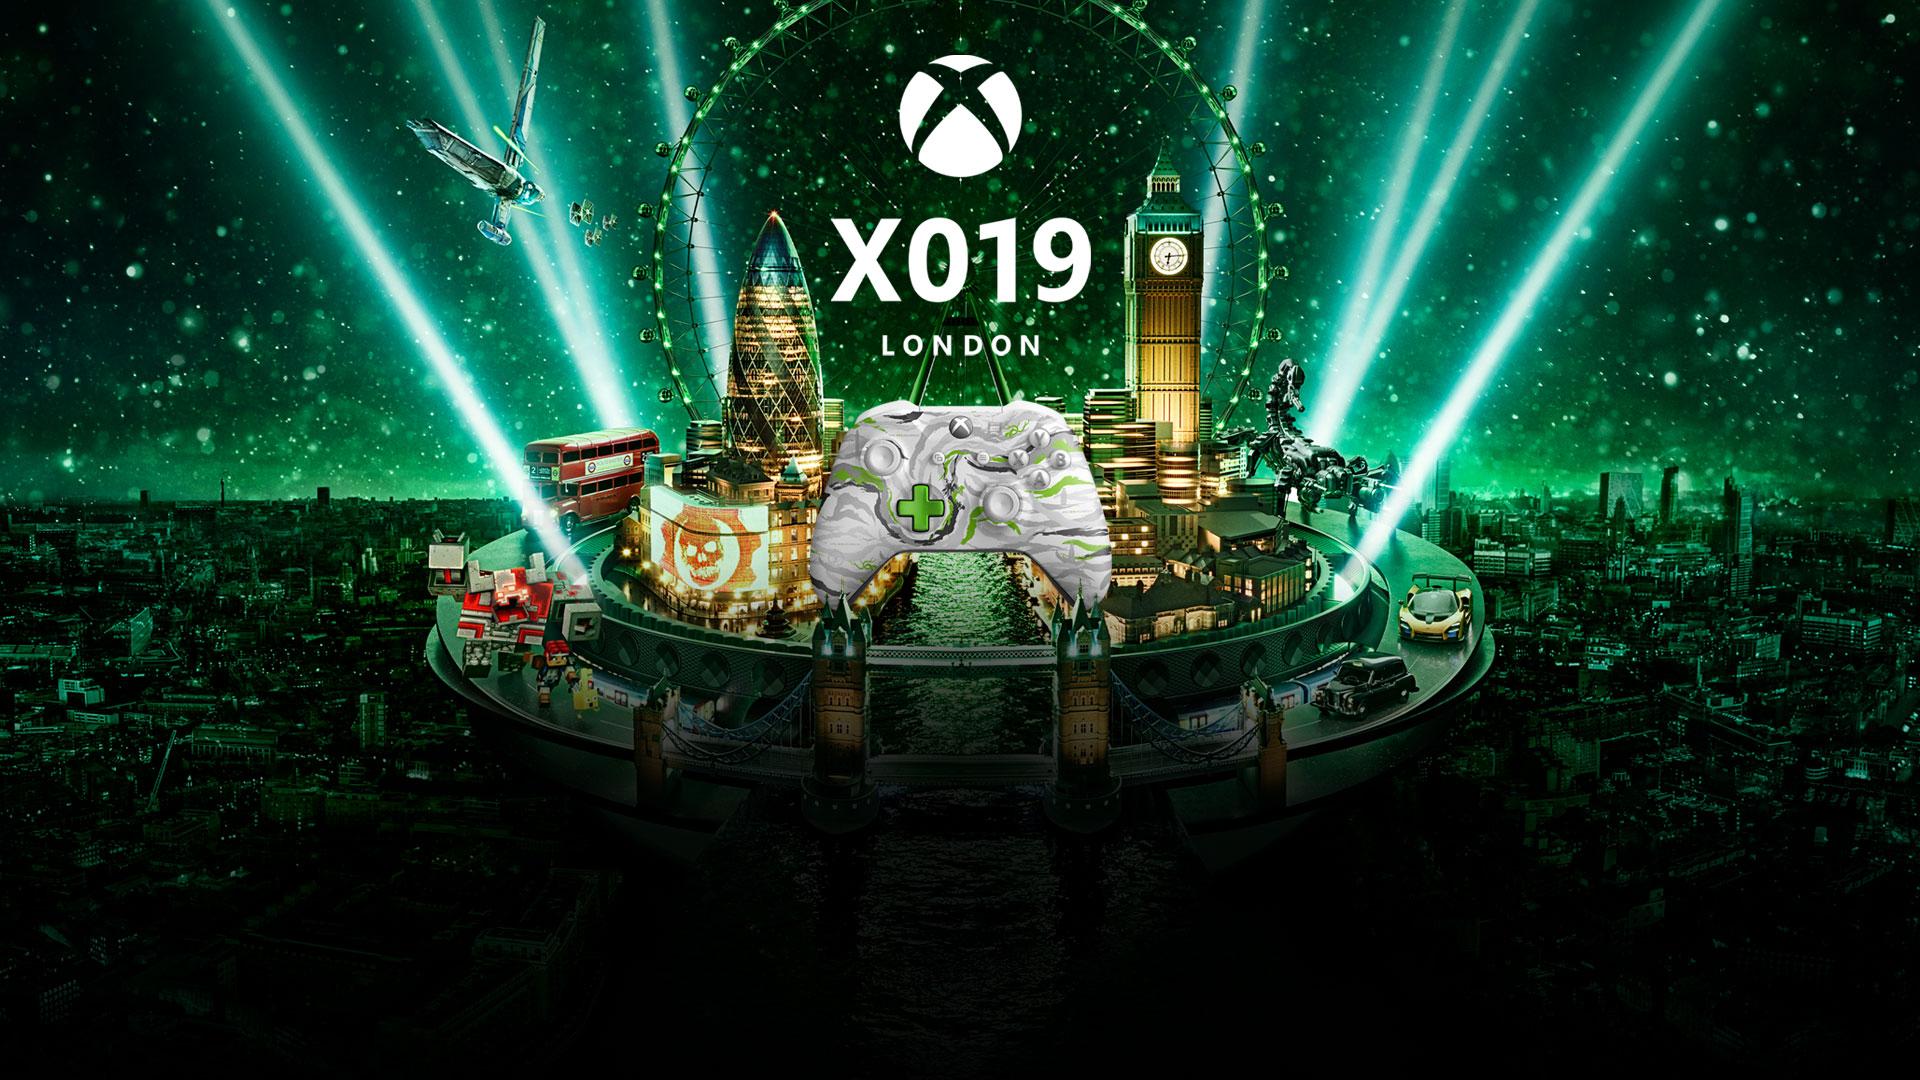 X019 arranca com episódio especial de Inside Xbox